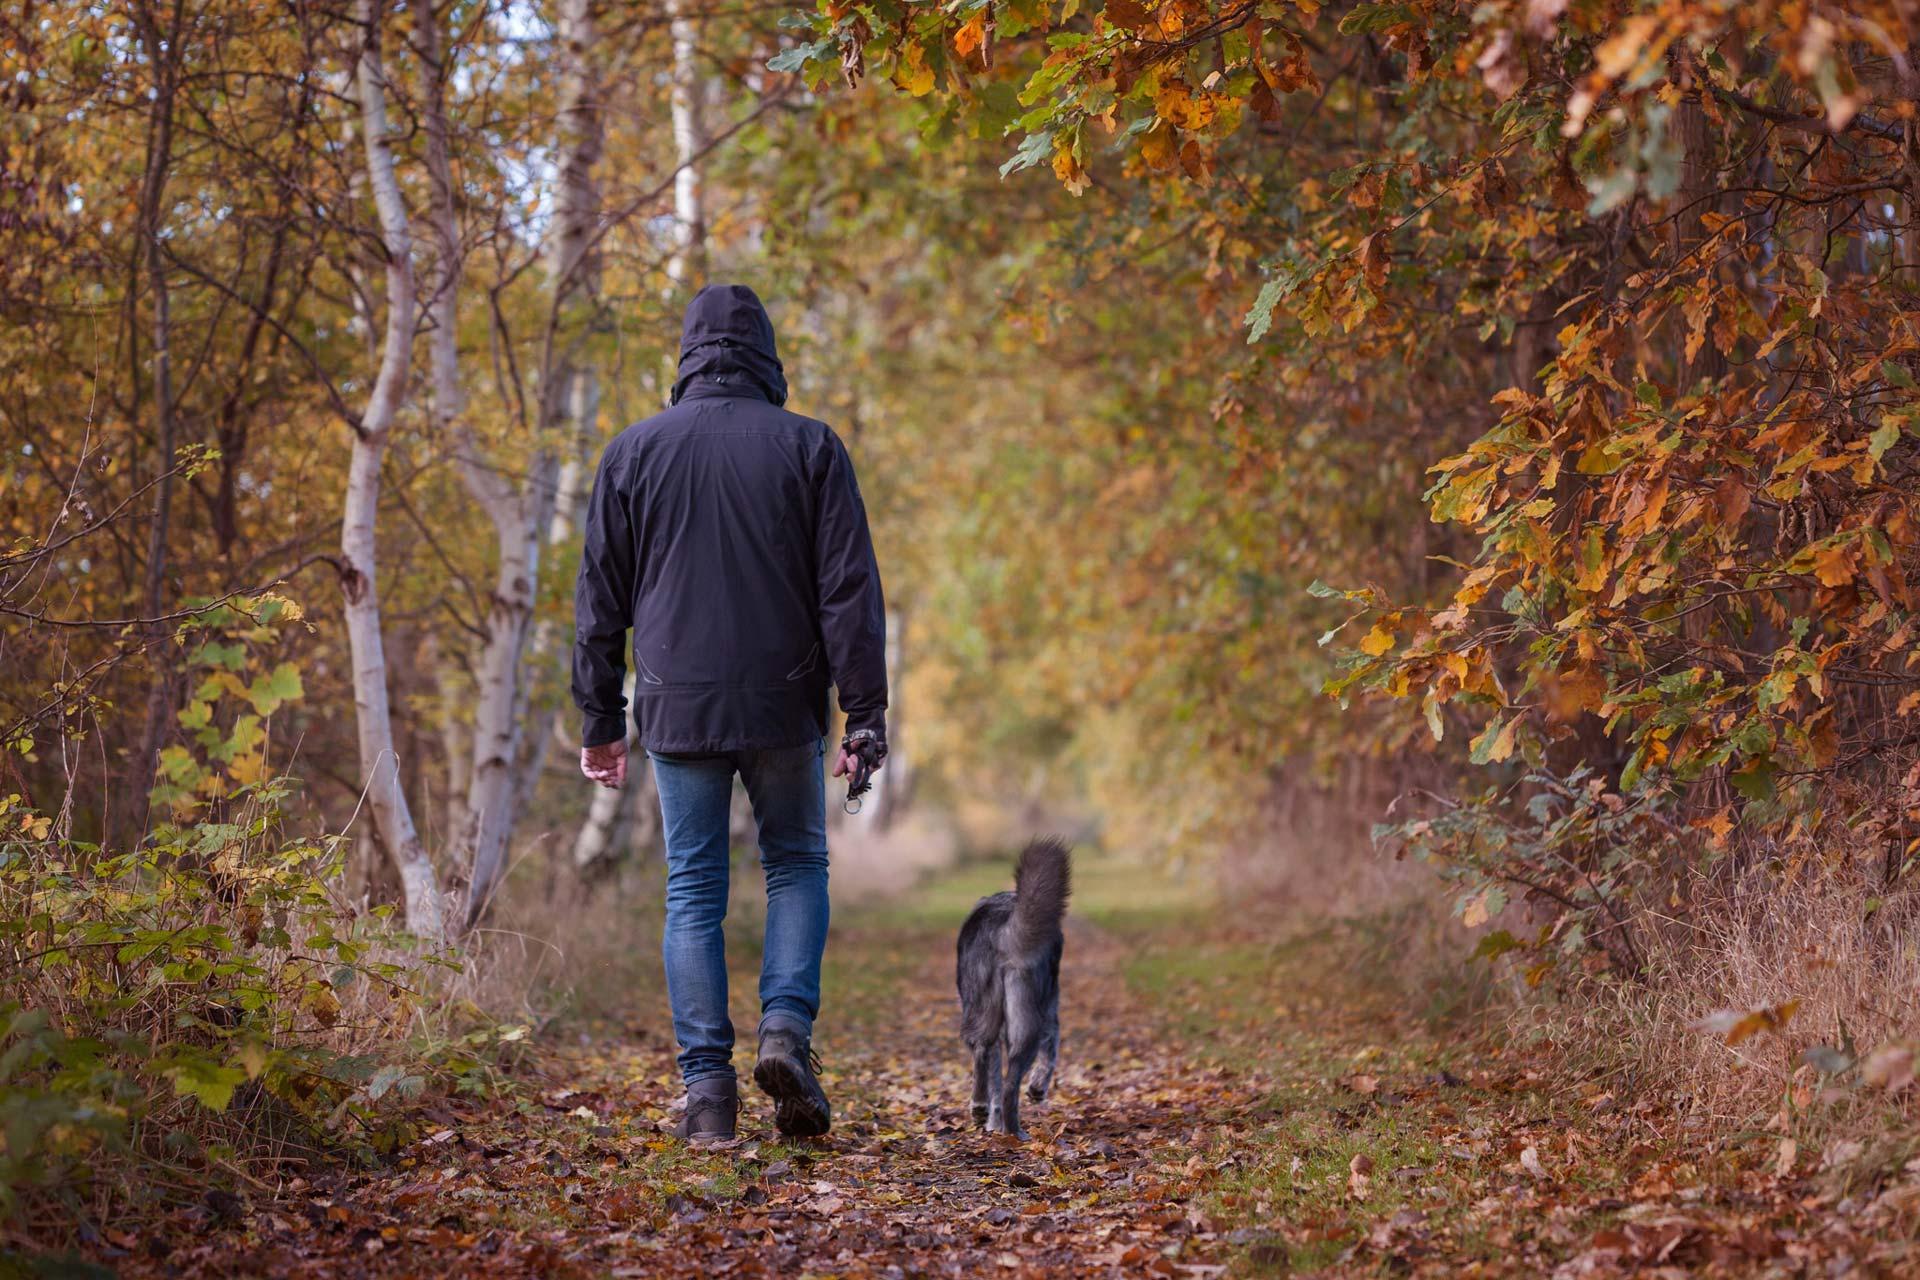 cane passeggia libero con persona nel bosco